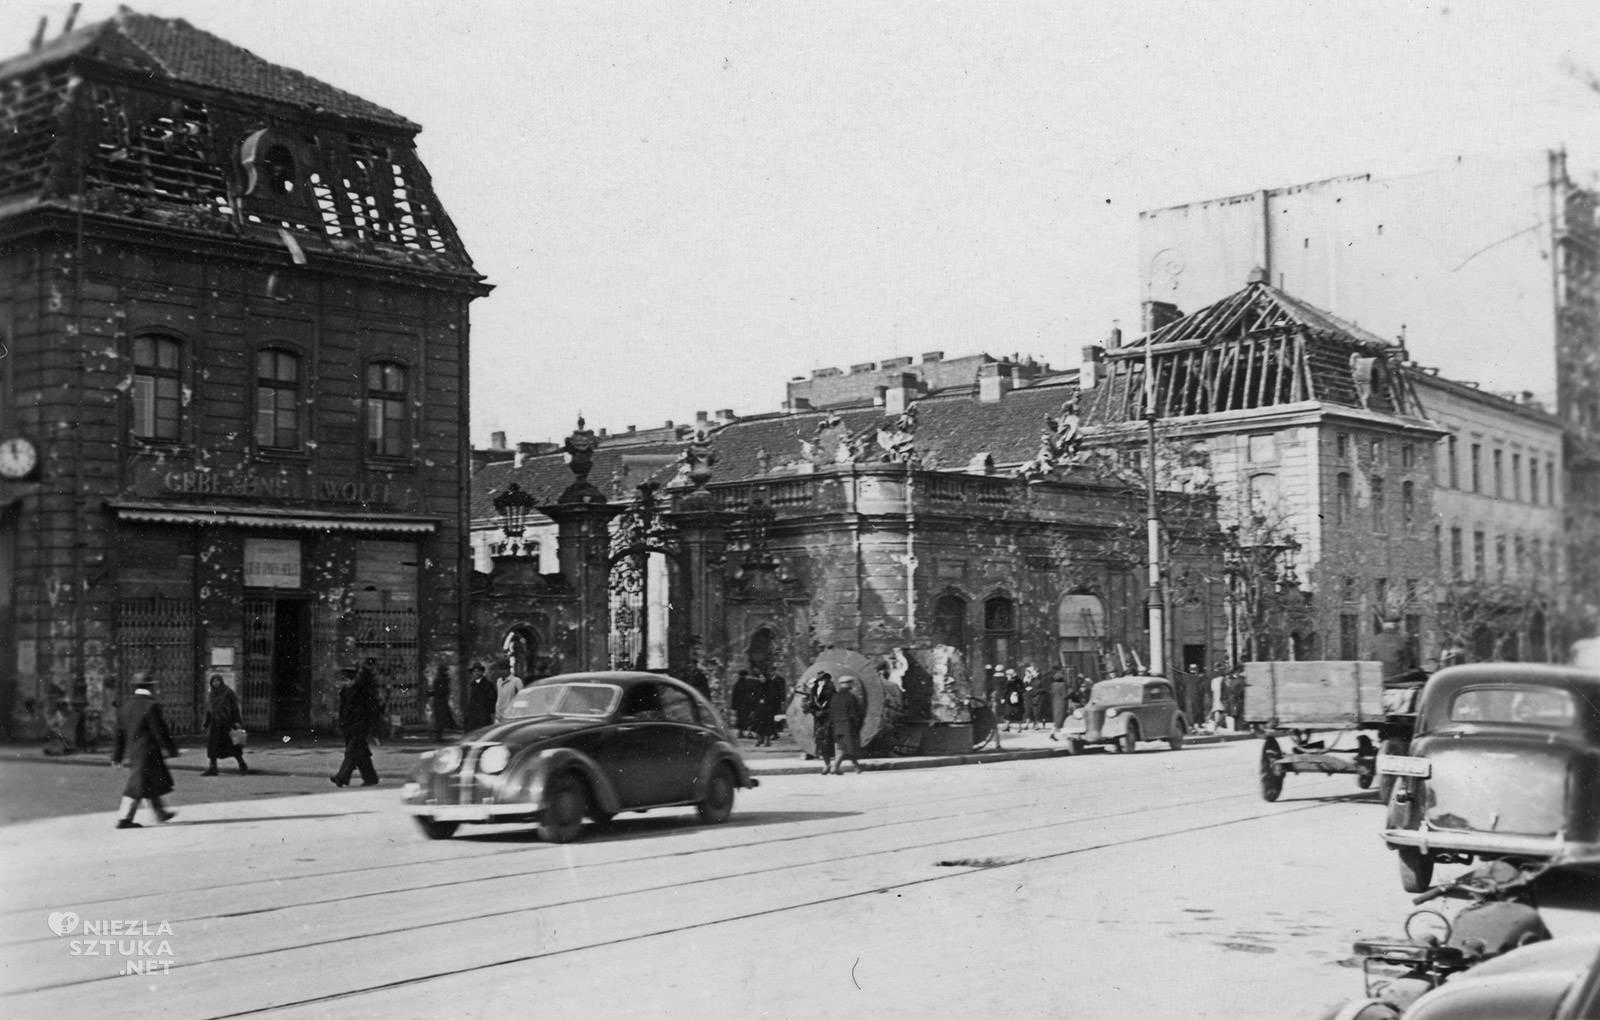 kordegarda, okupacja, Muzeum Powstania Warszawskiego, Niezła Sztuka